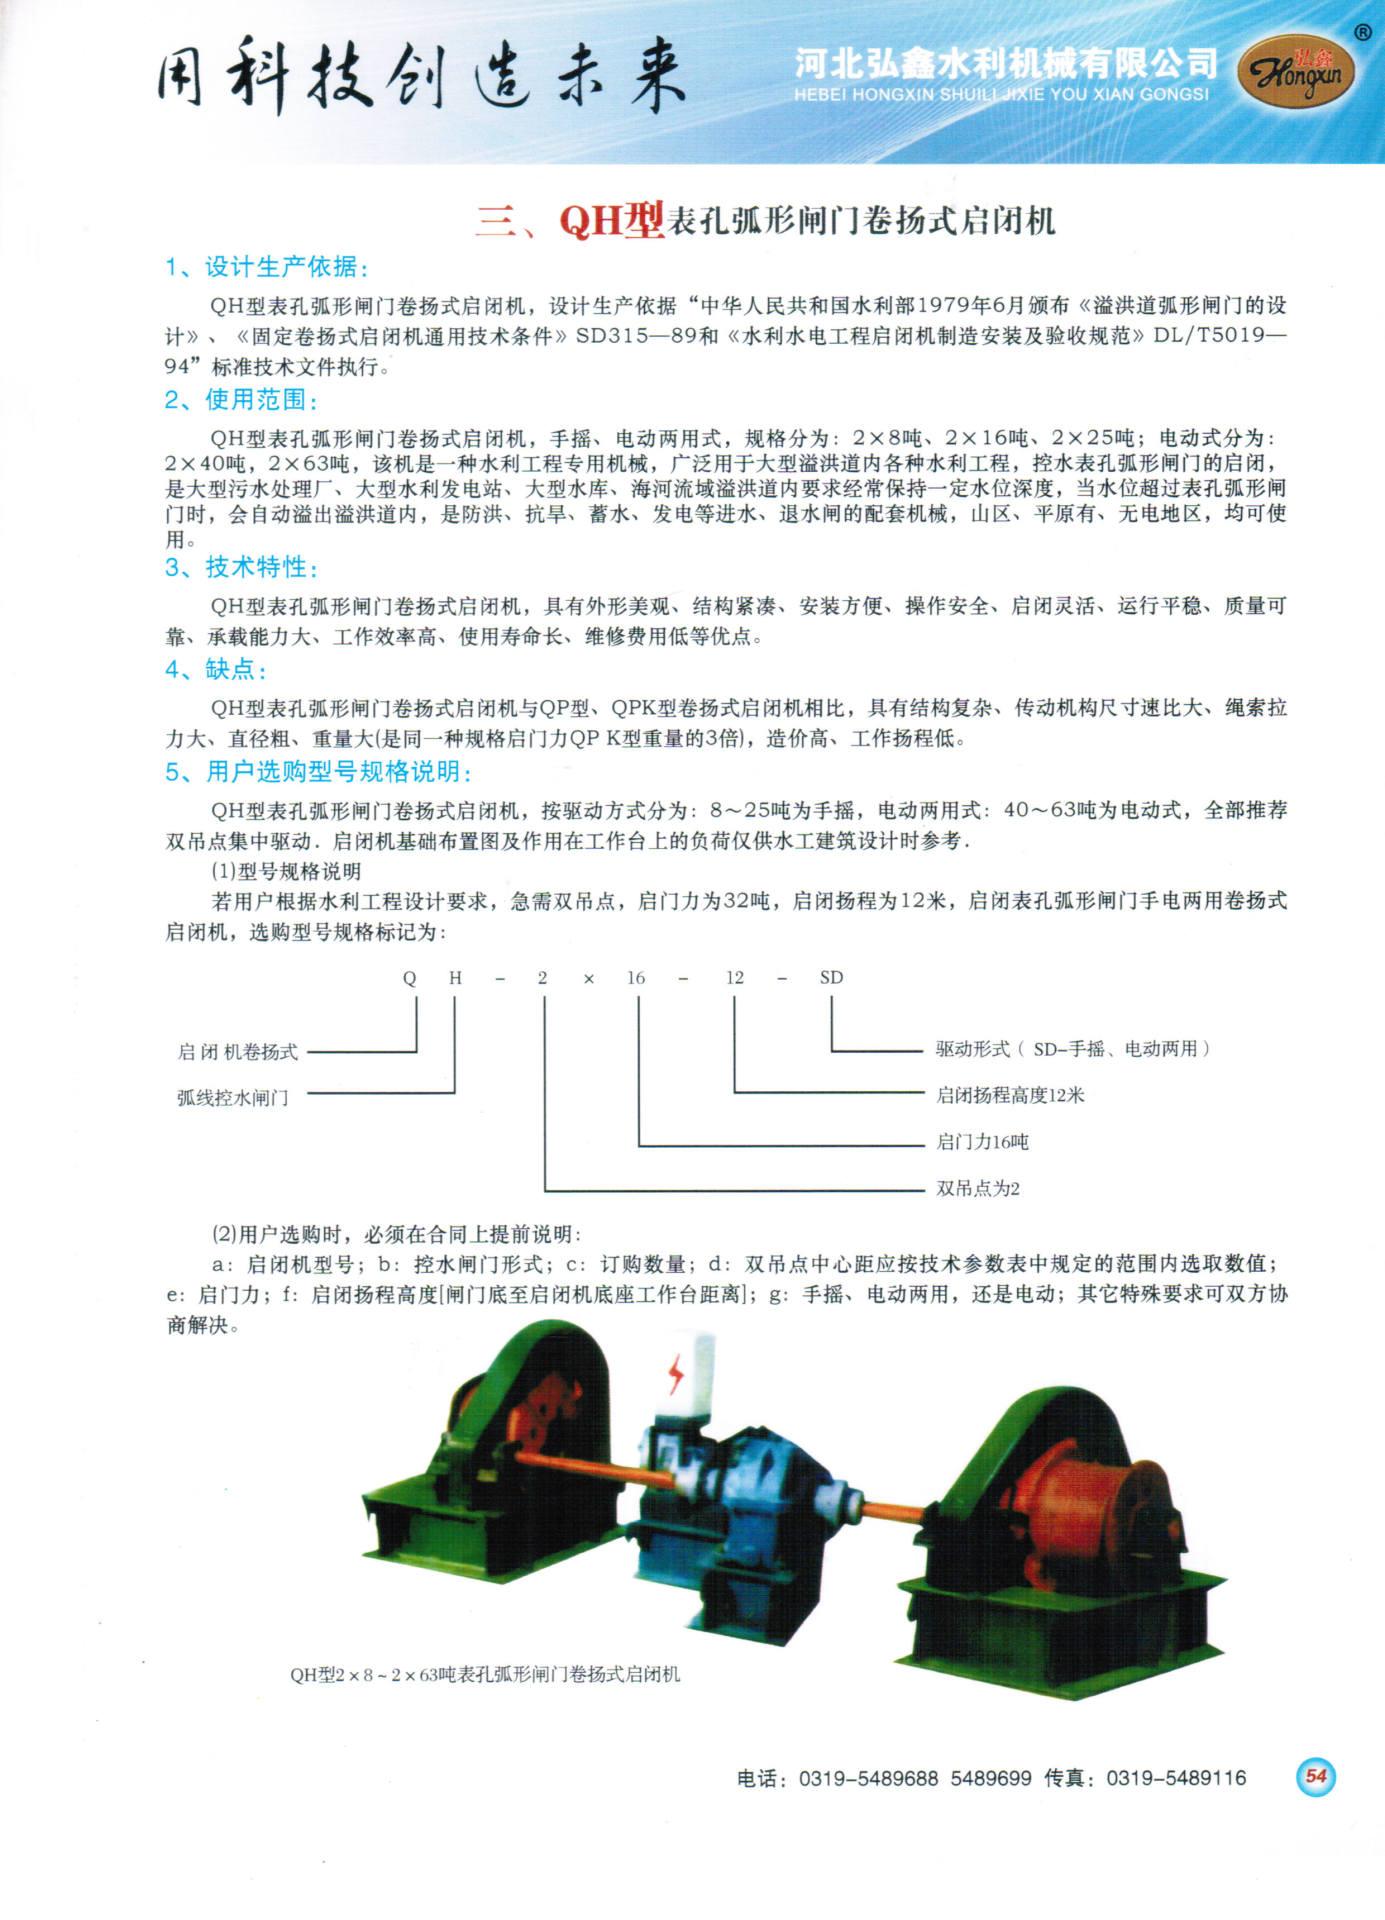 供应 QPQ型卷扬启闭机 固定式卷扬启闭机 移动式卷扬启闭机 出厂价示例图5